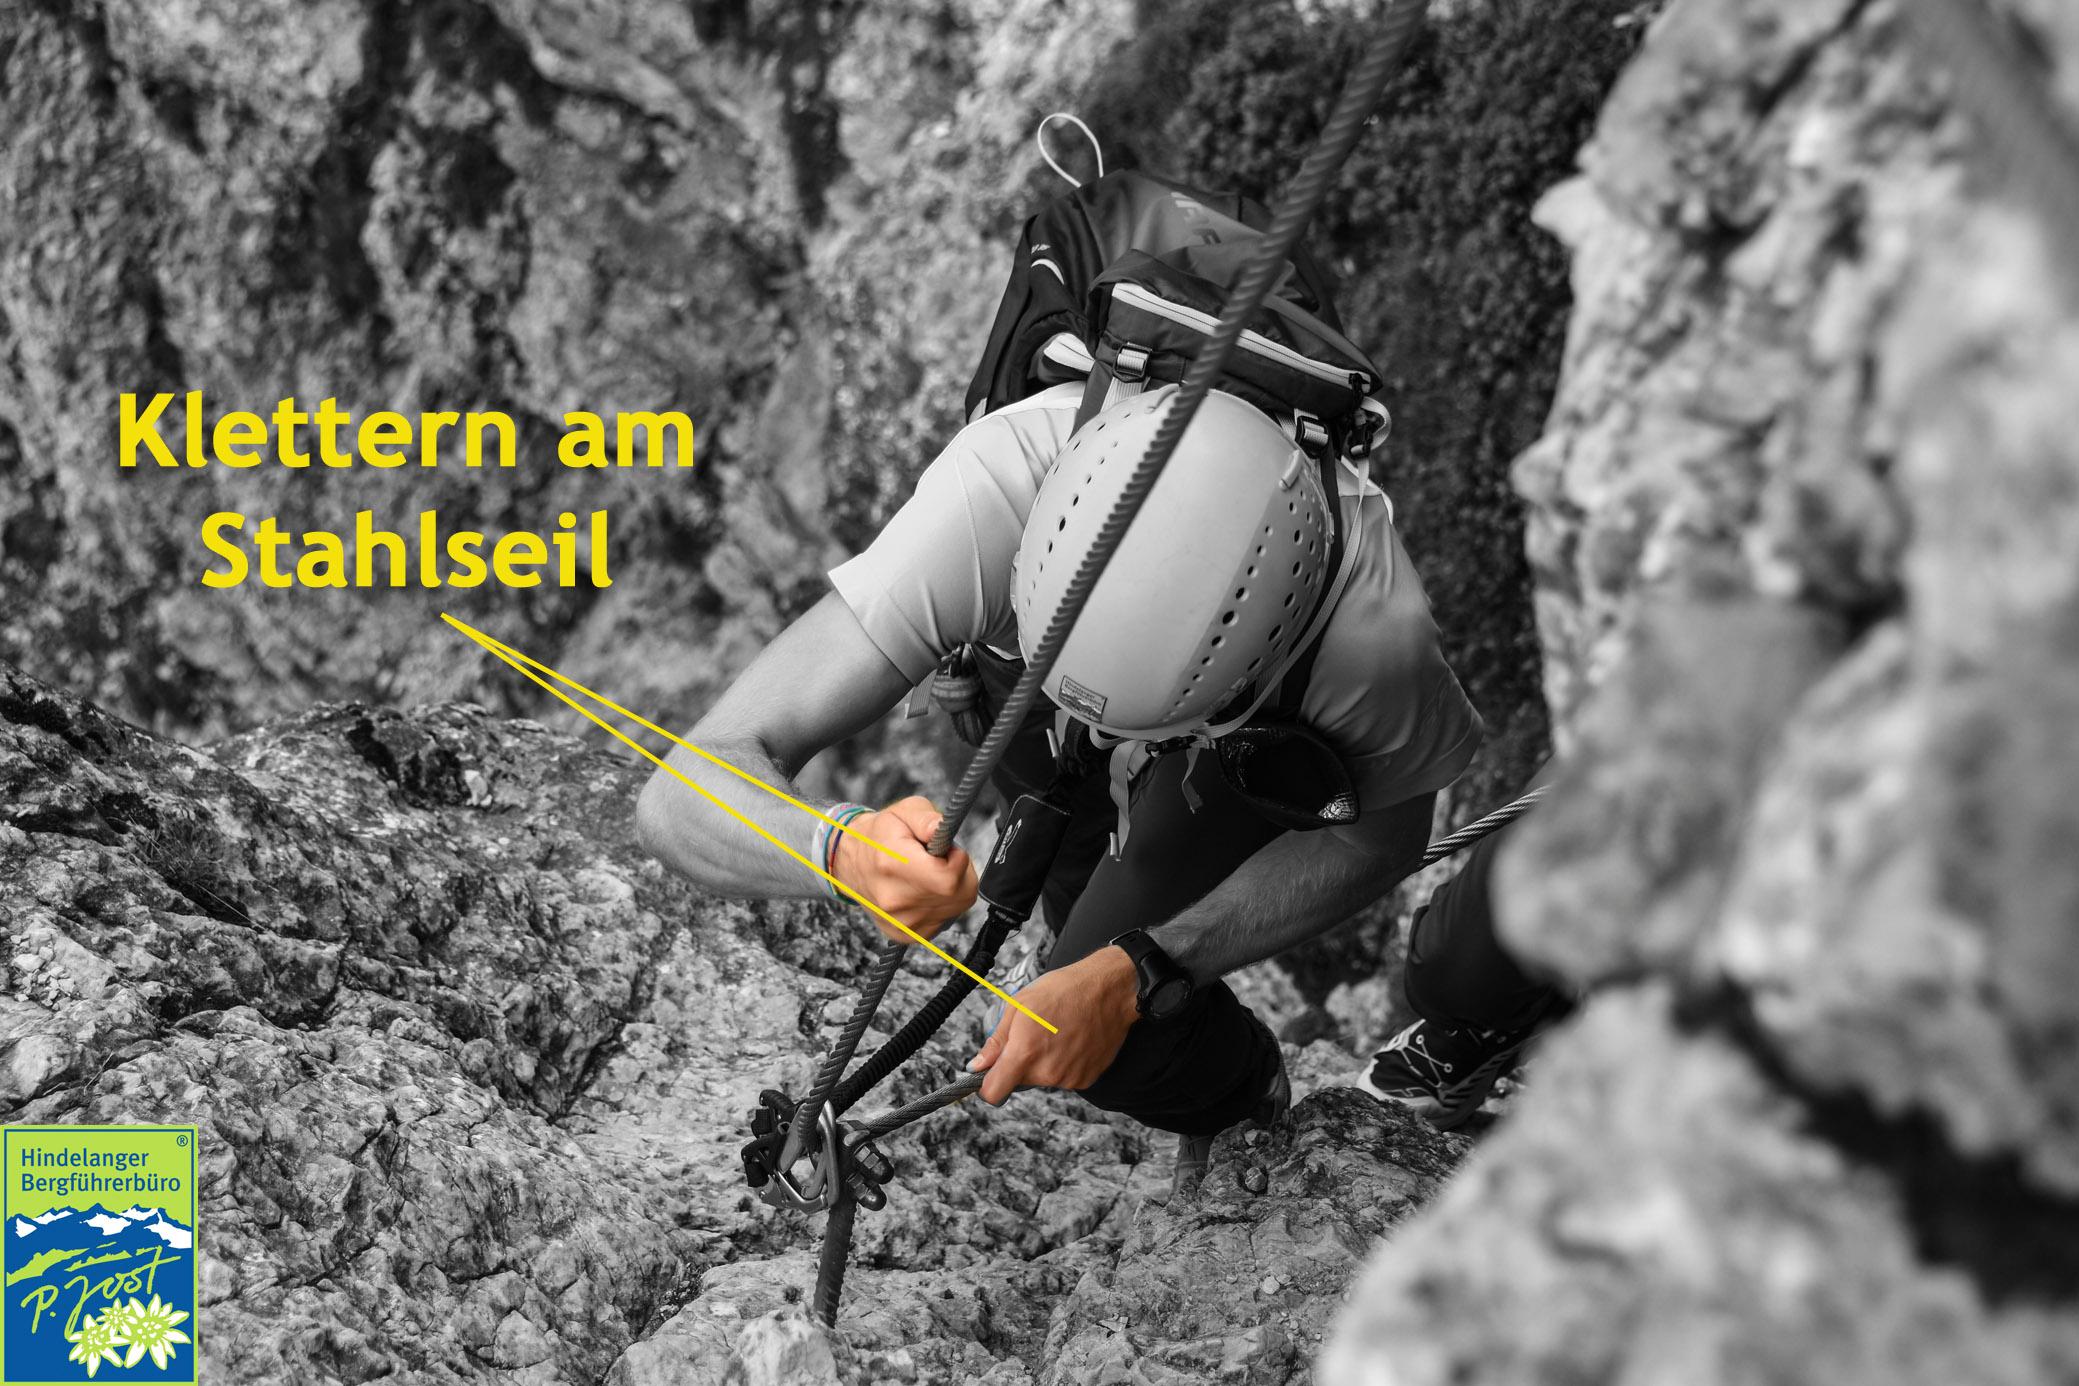 Klettersteigset Tipps : Klettersteigausrüstung co tipps für den klettersteig